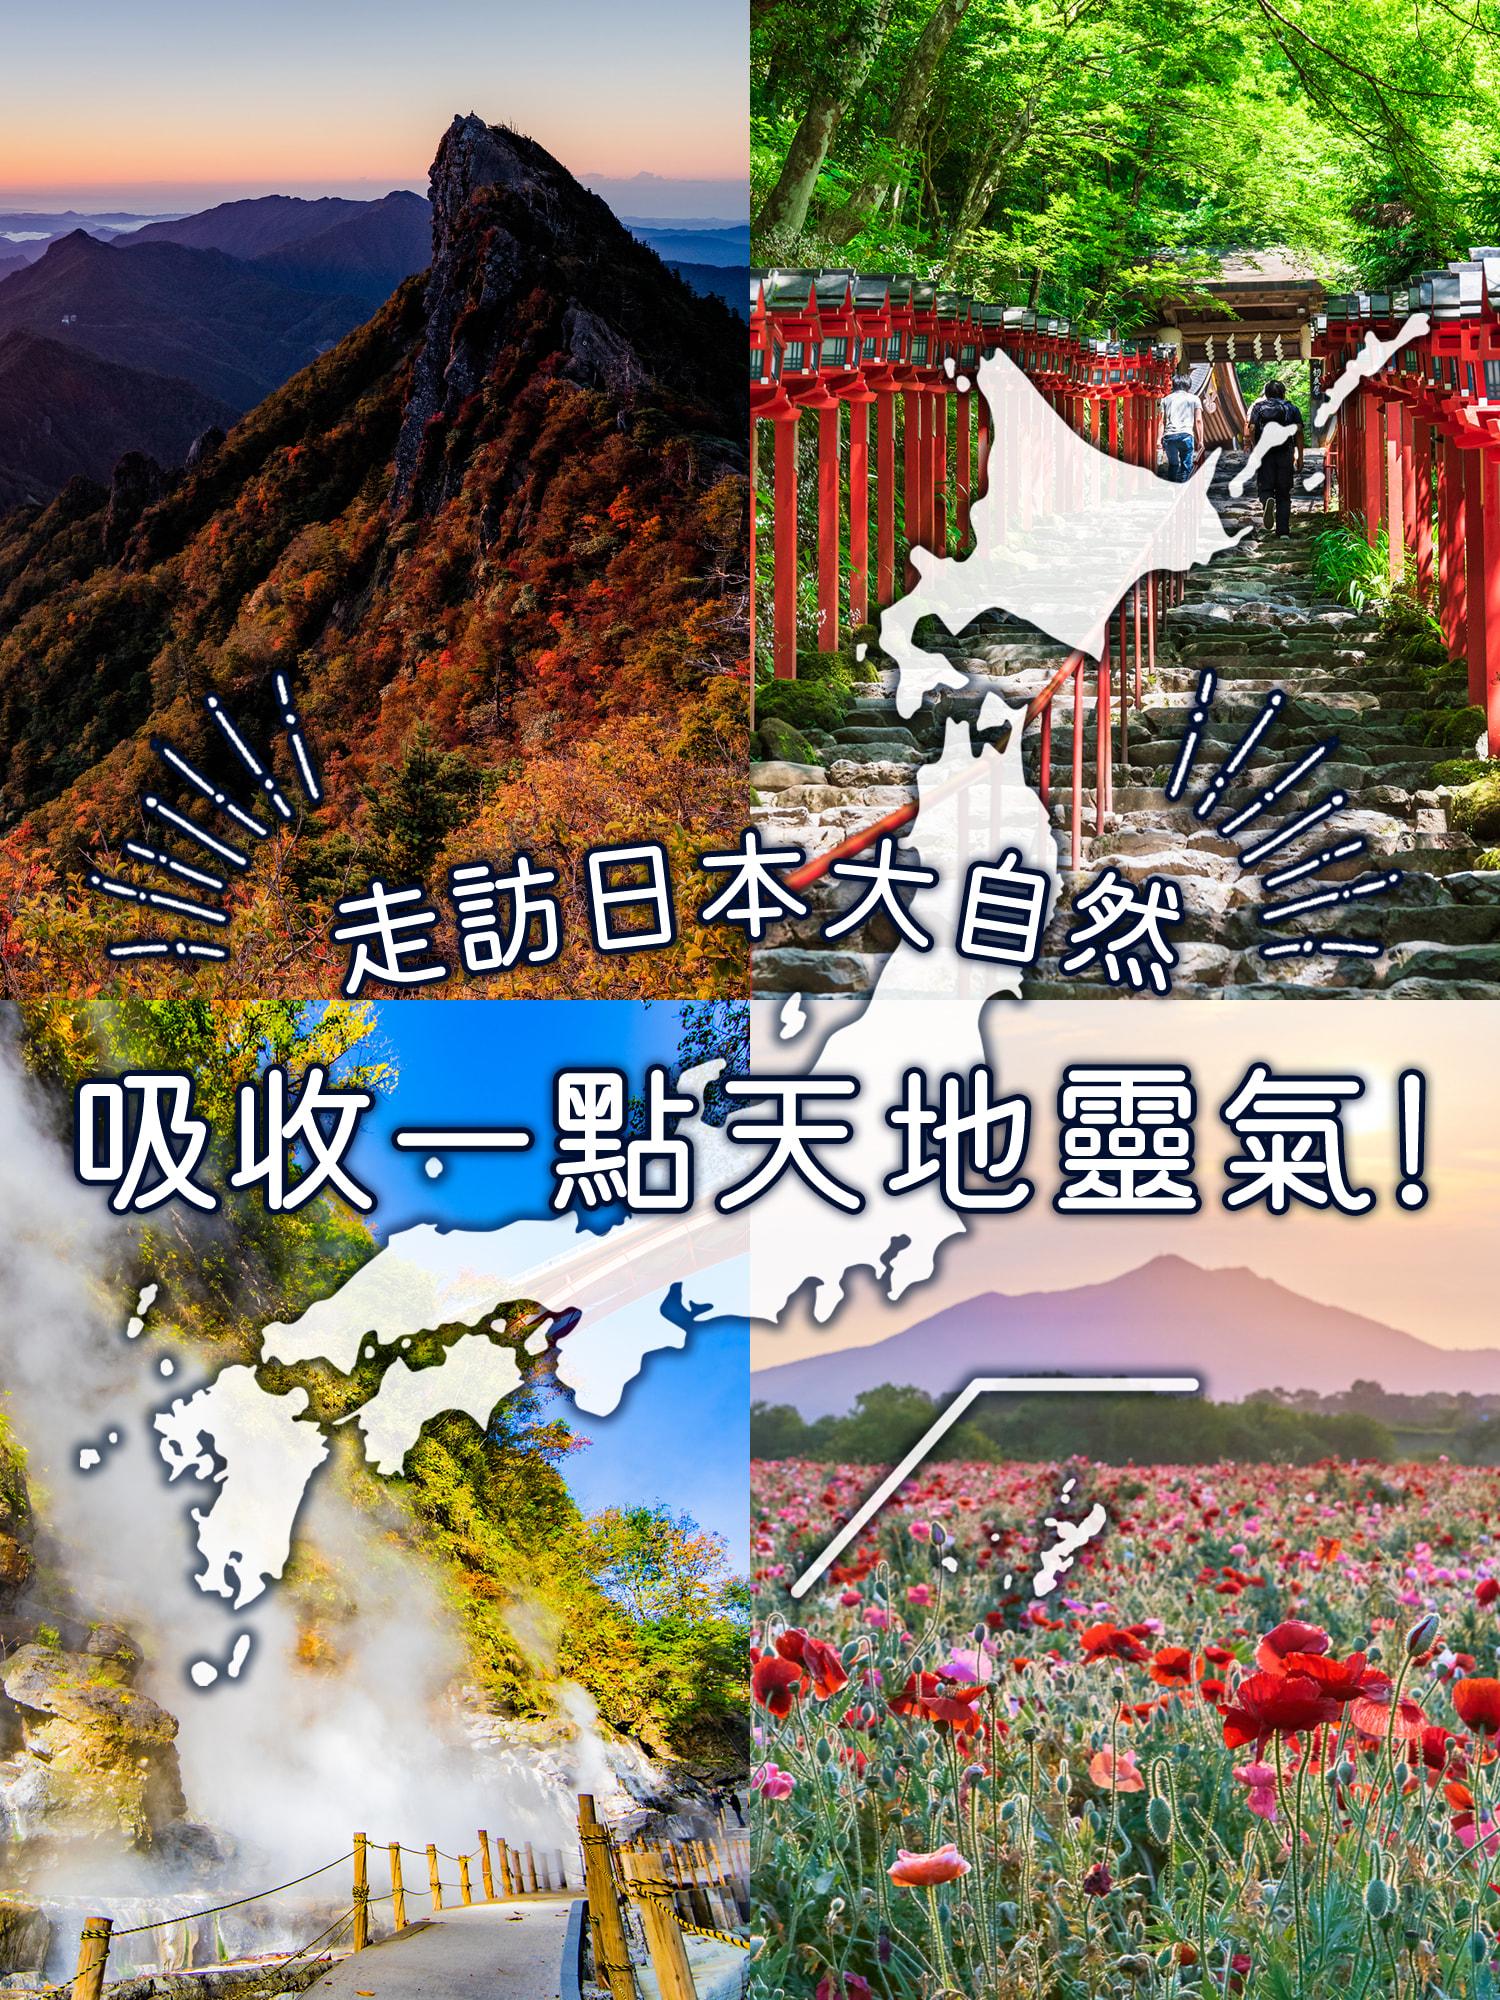 走訪日本大自然 吸收一點天地靈氣!